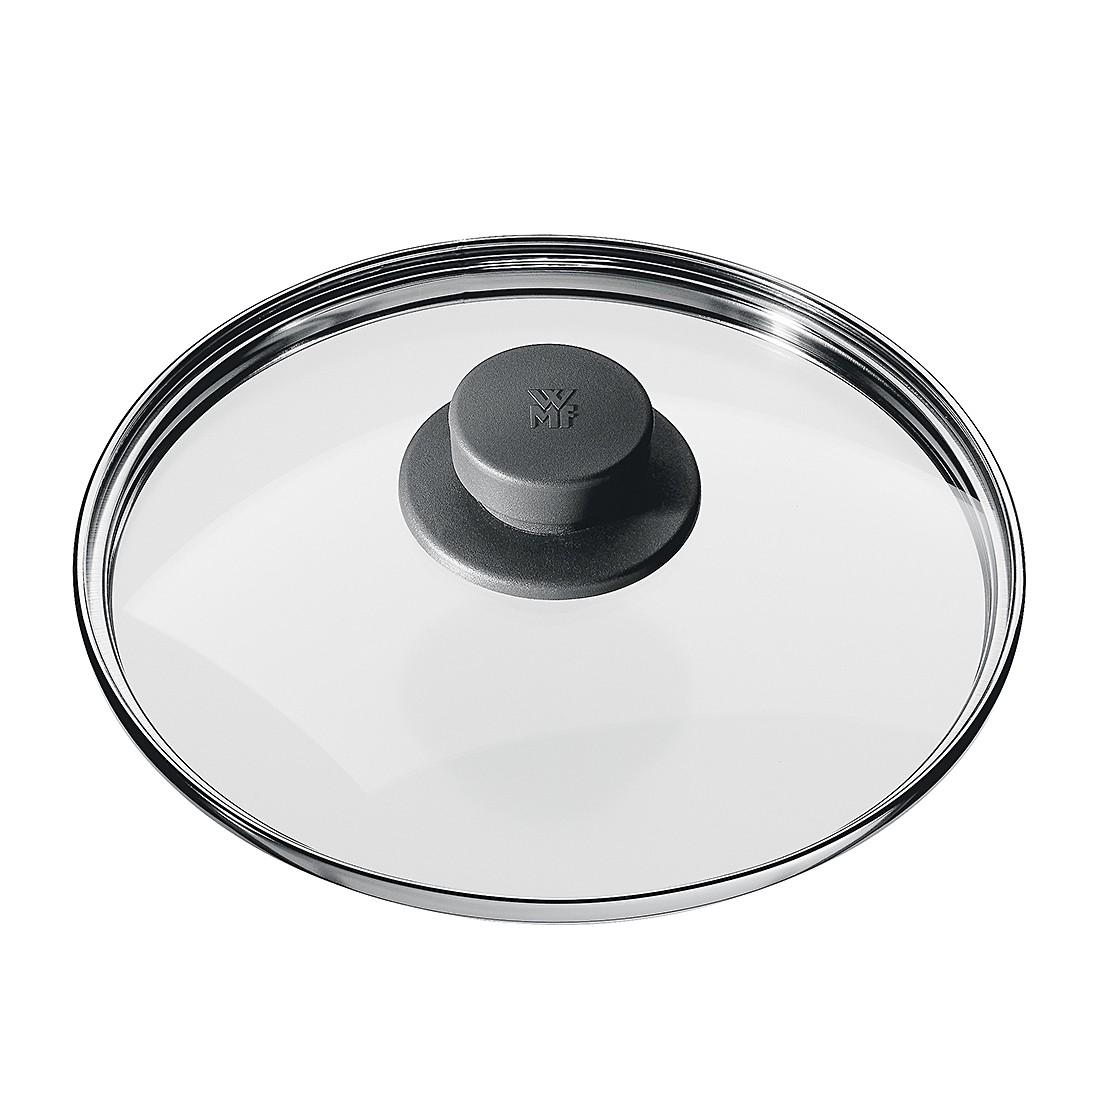 Glasdeckel (Ø 22 cm) Perfect, WMF bestellen